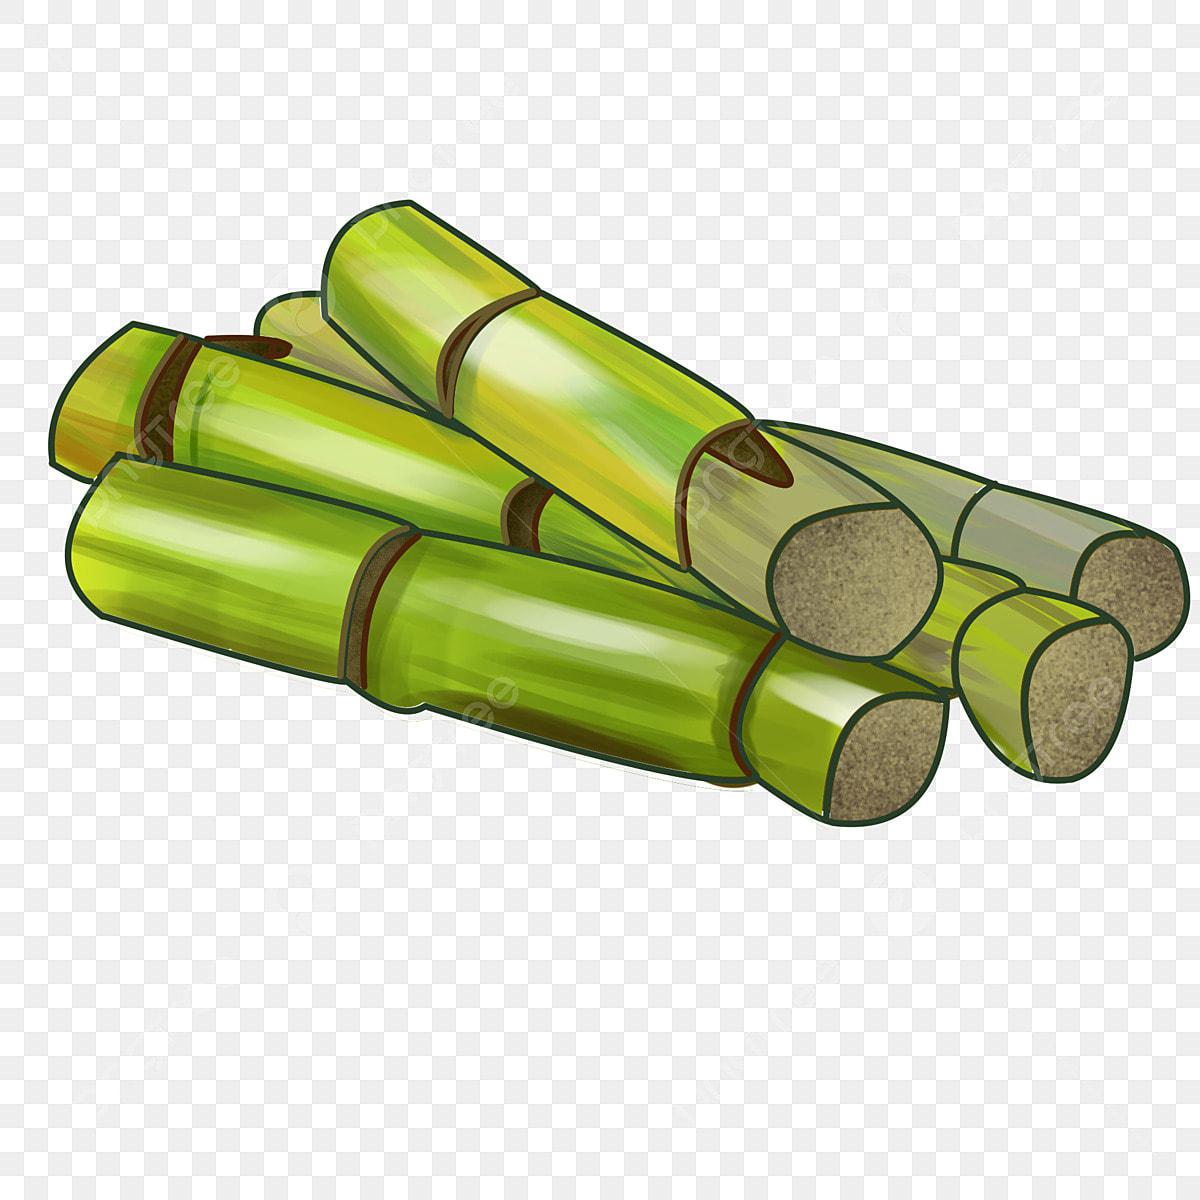 vert doux de la canne  u00e0 sucre vert doux la canne  u00e0 sucre